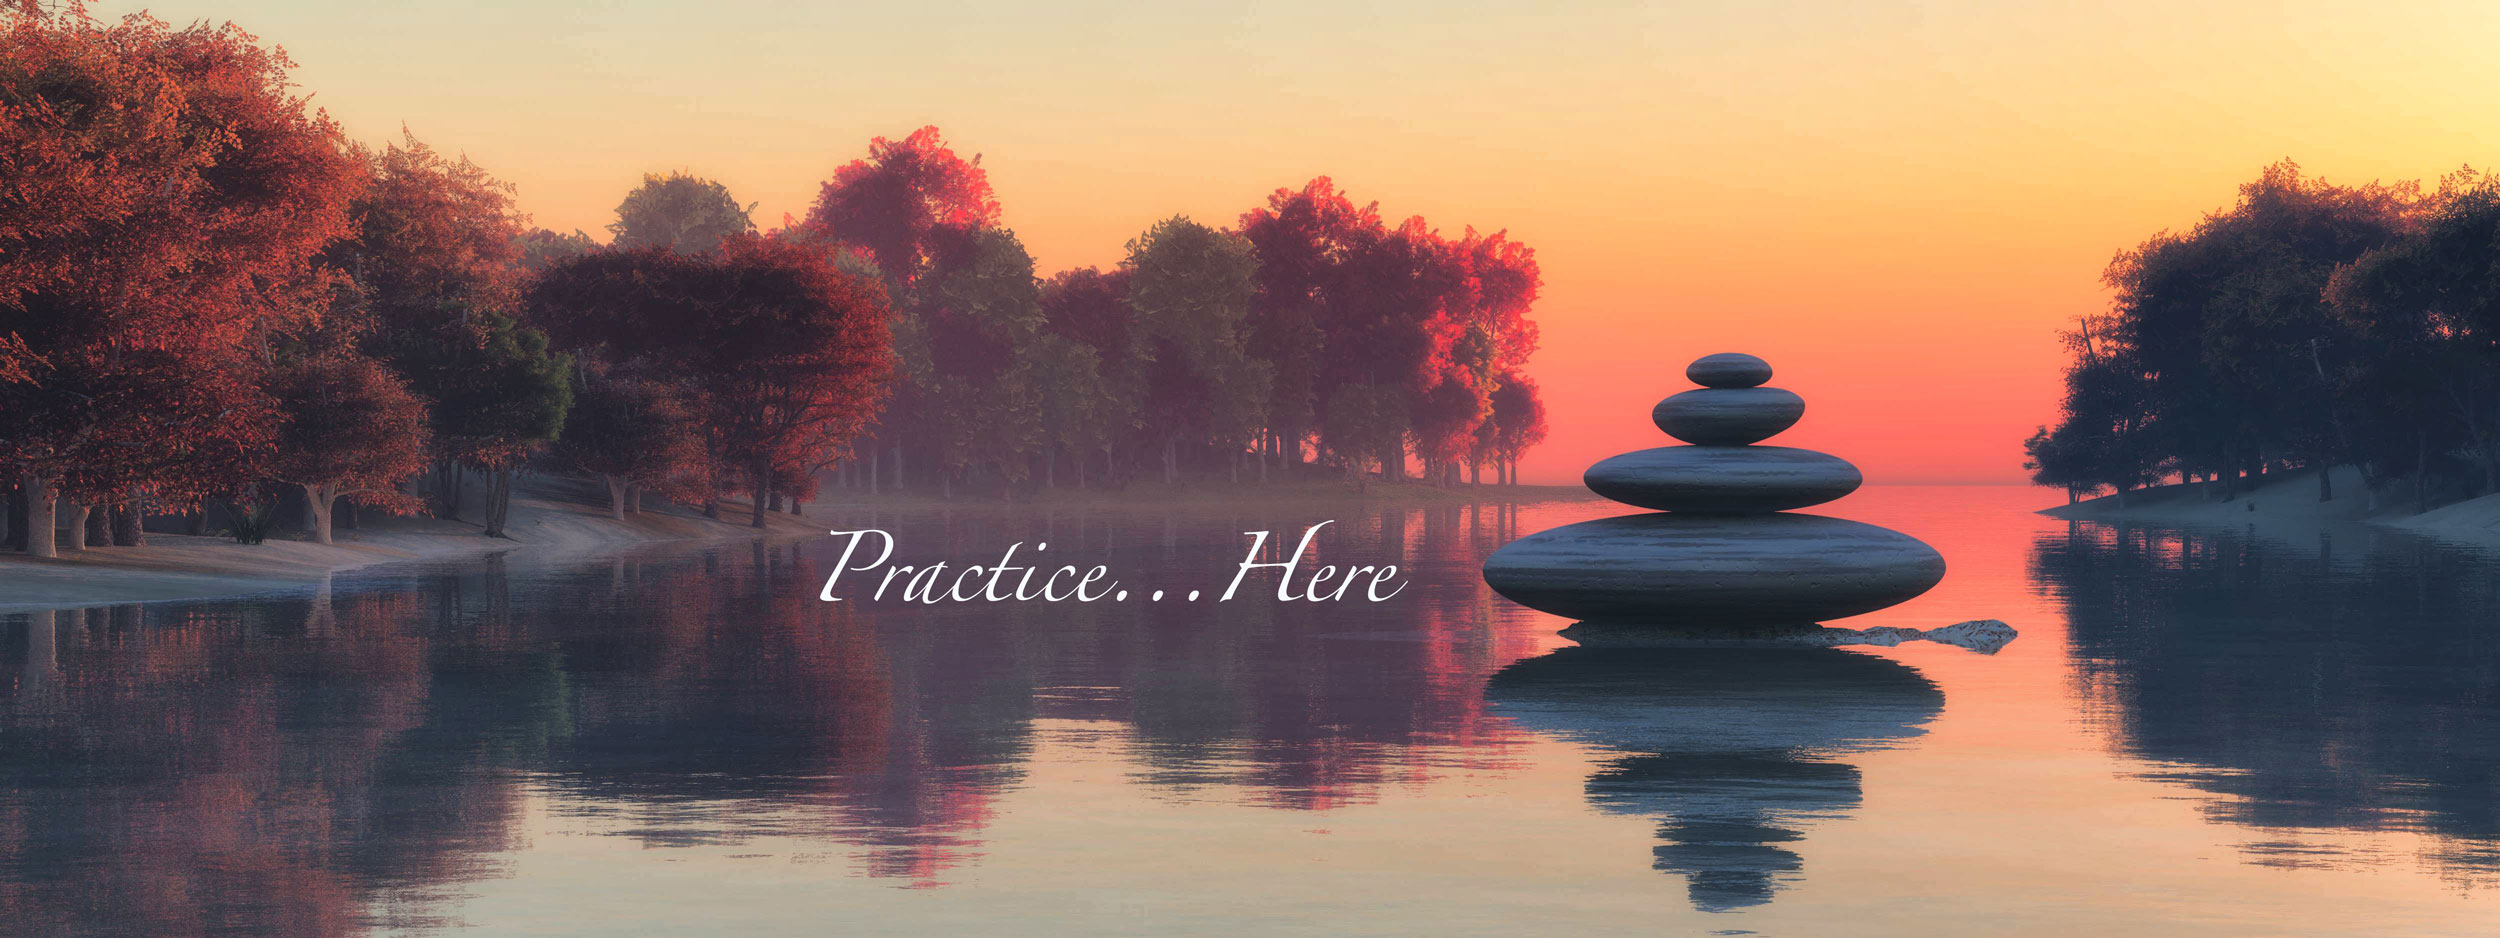 meditation service presence